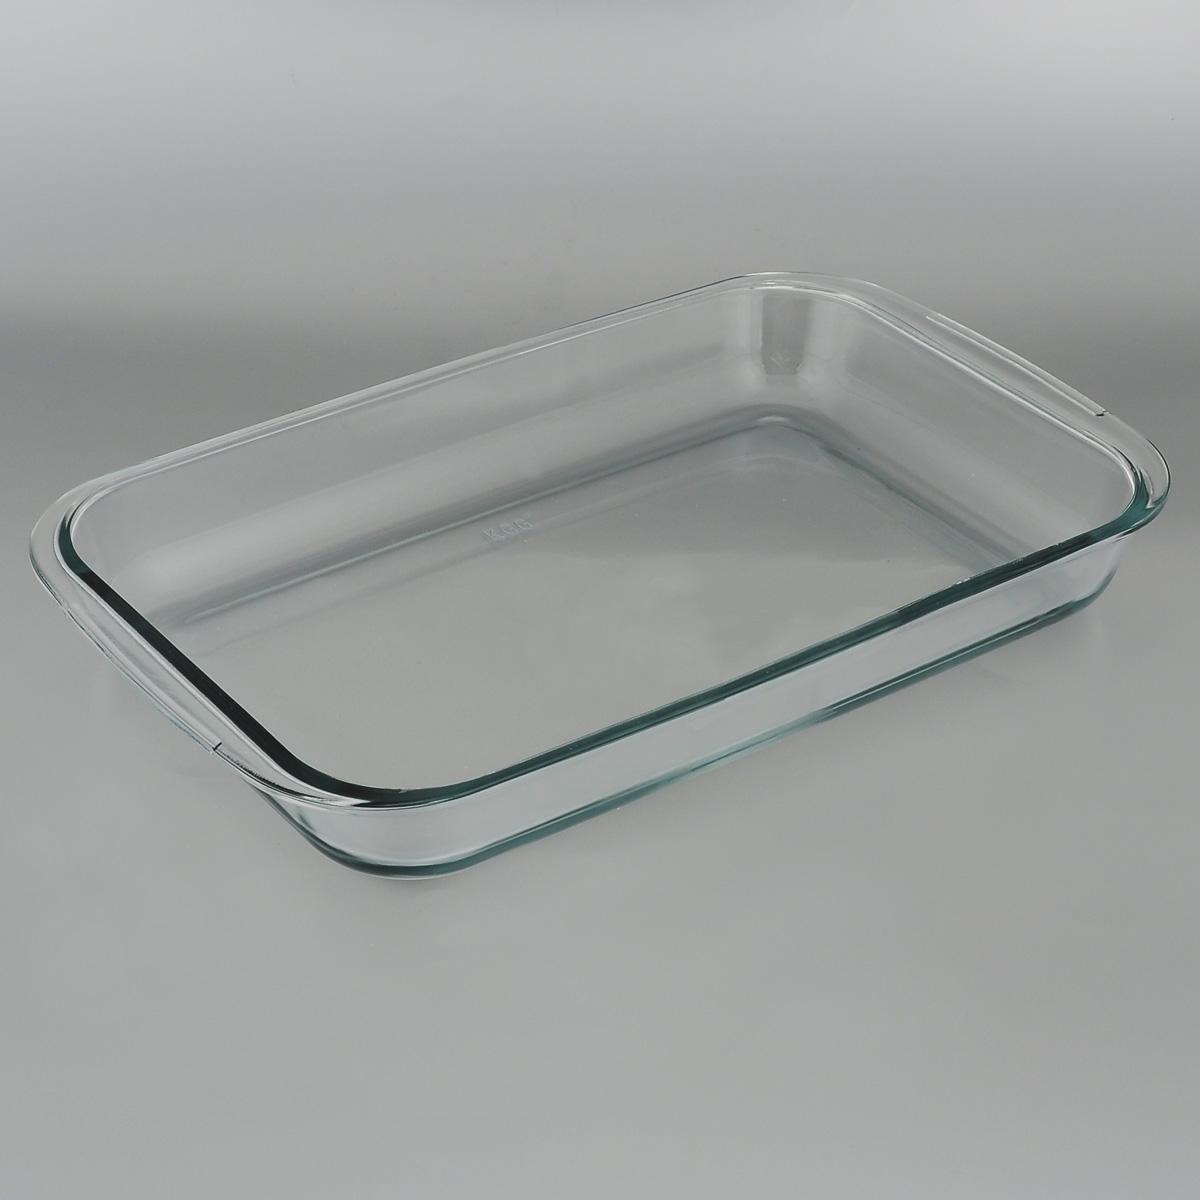 """Форма для запекания """"Mijotex"""", прямоугольная, 39 см х 23 см"""